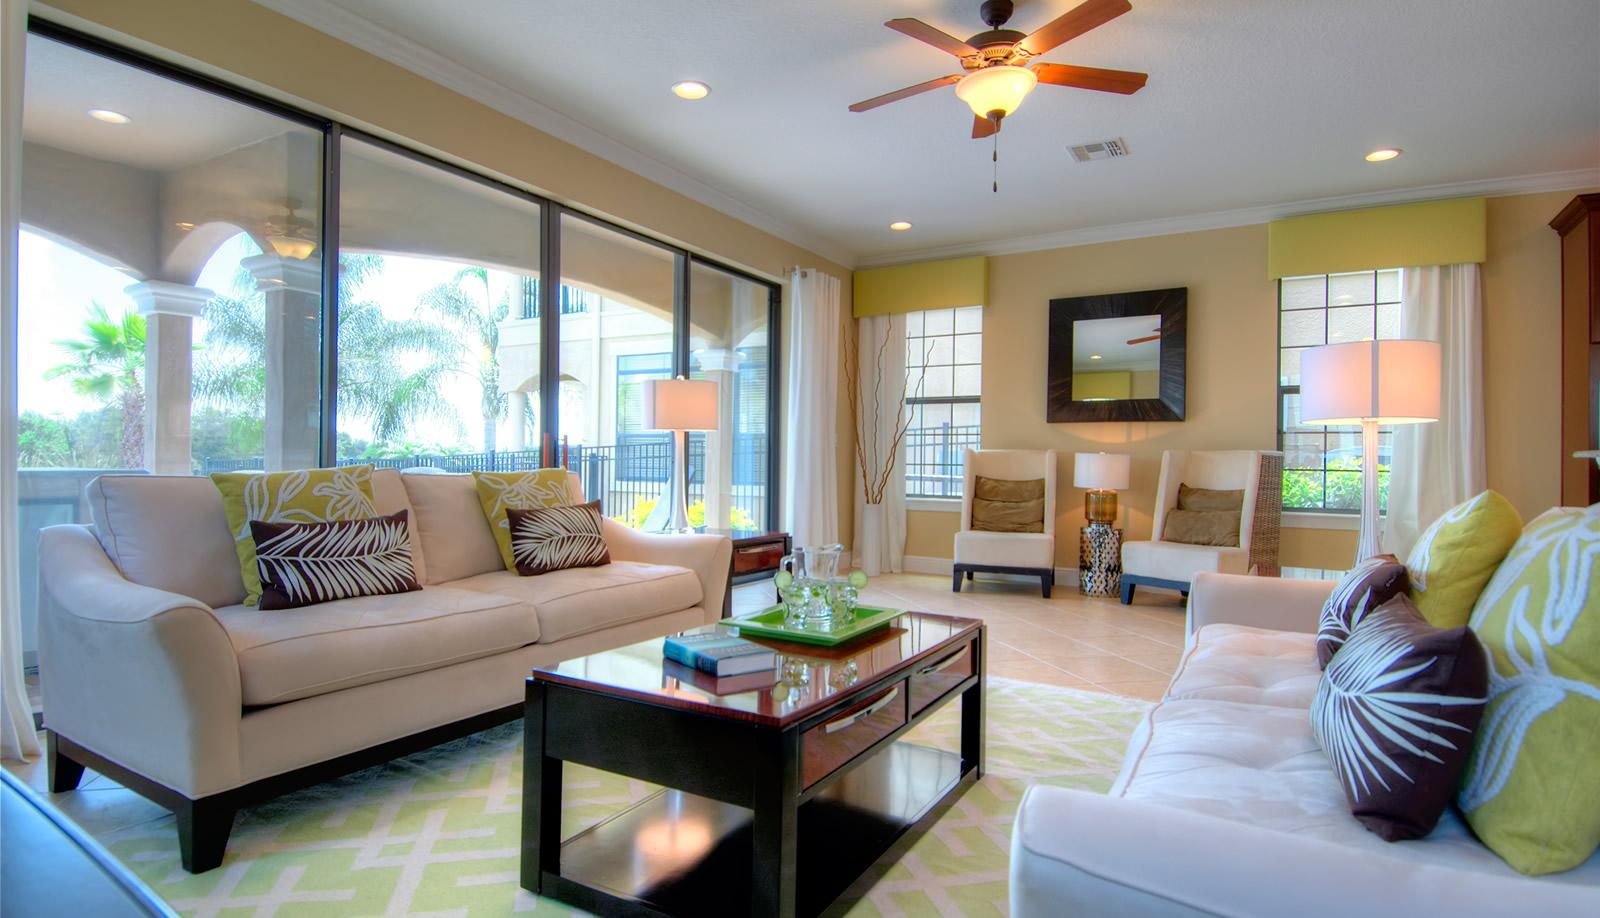 Casas de férias para alugar em Orlando